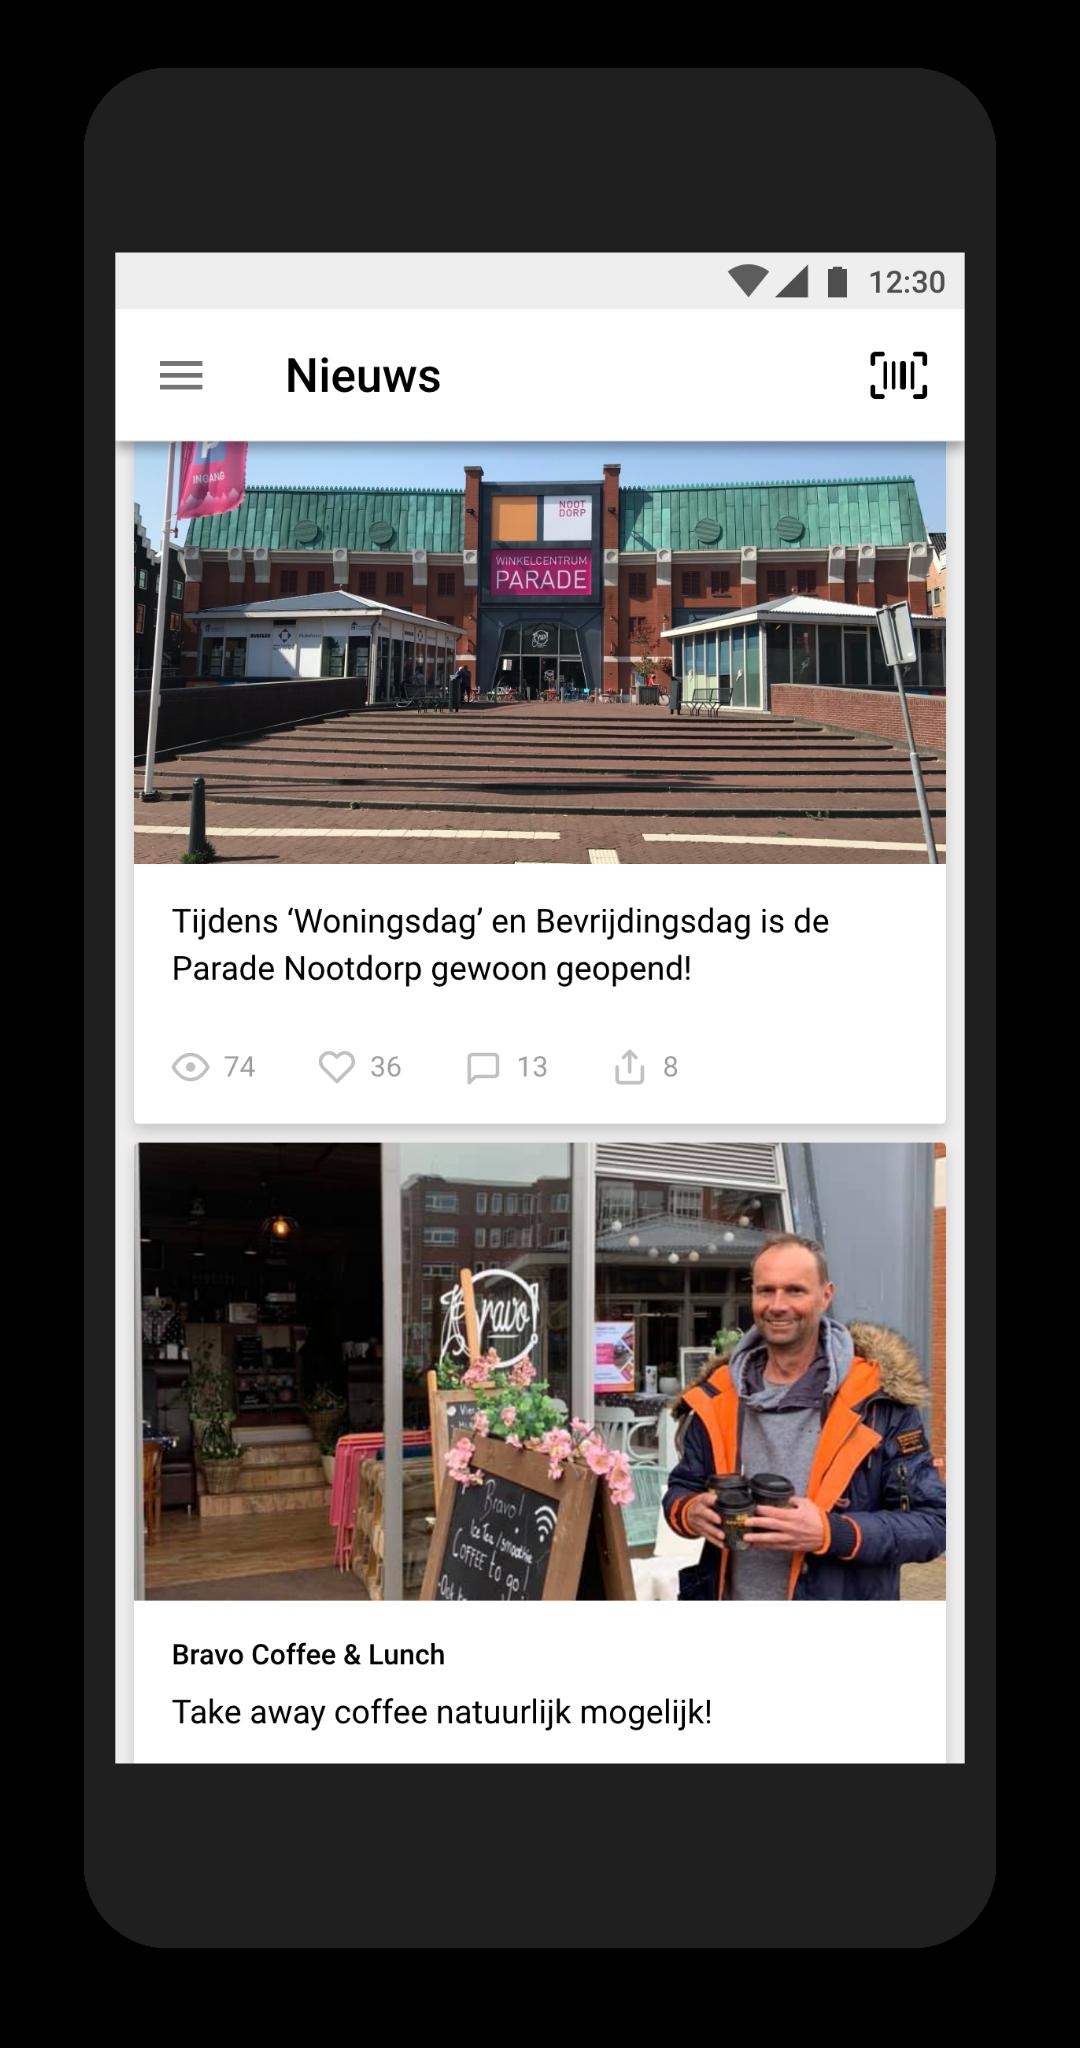 Nieuwsfeed in de Sterrenburg app